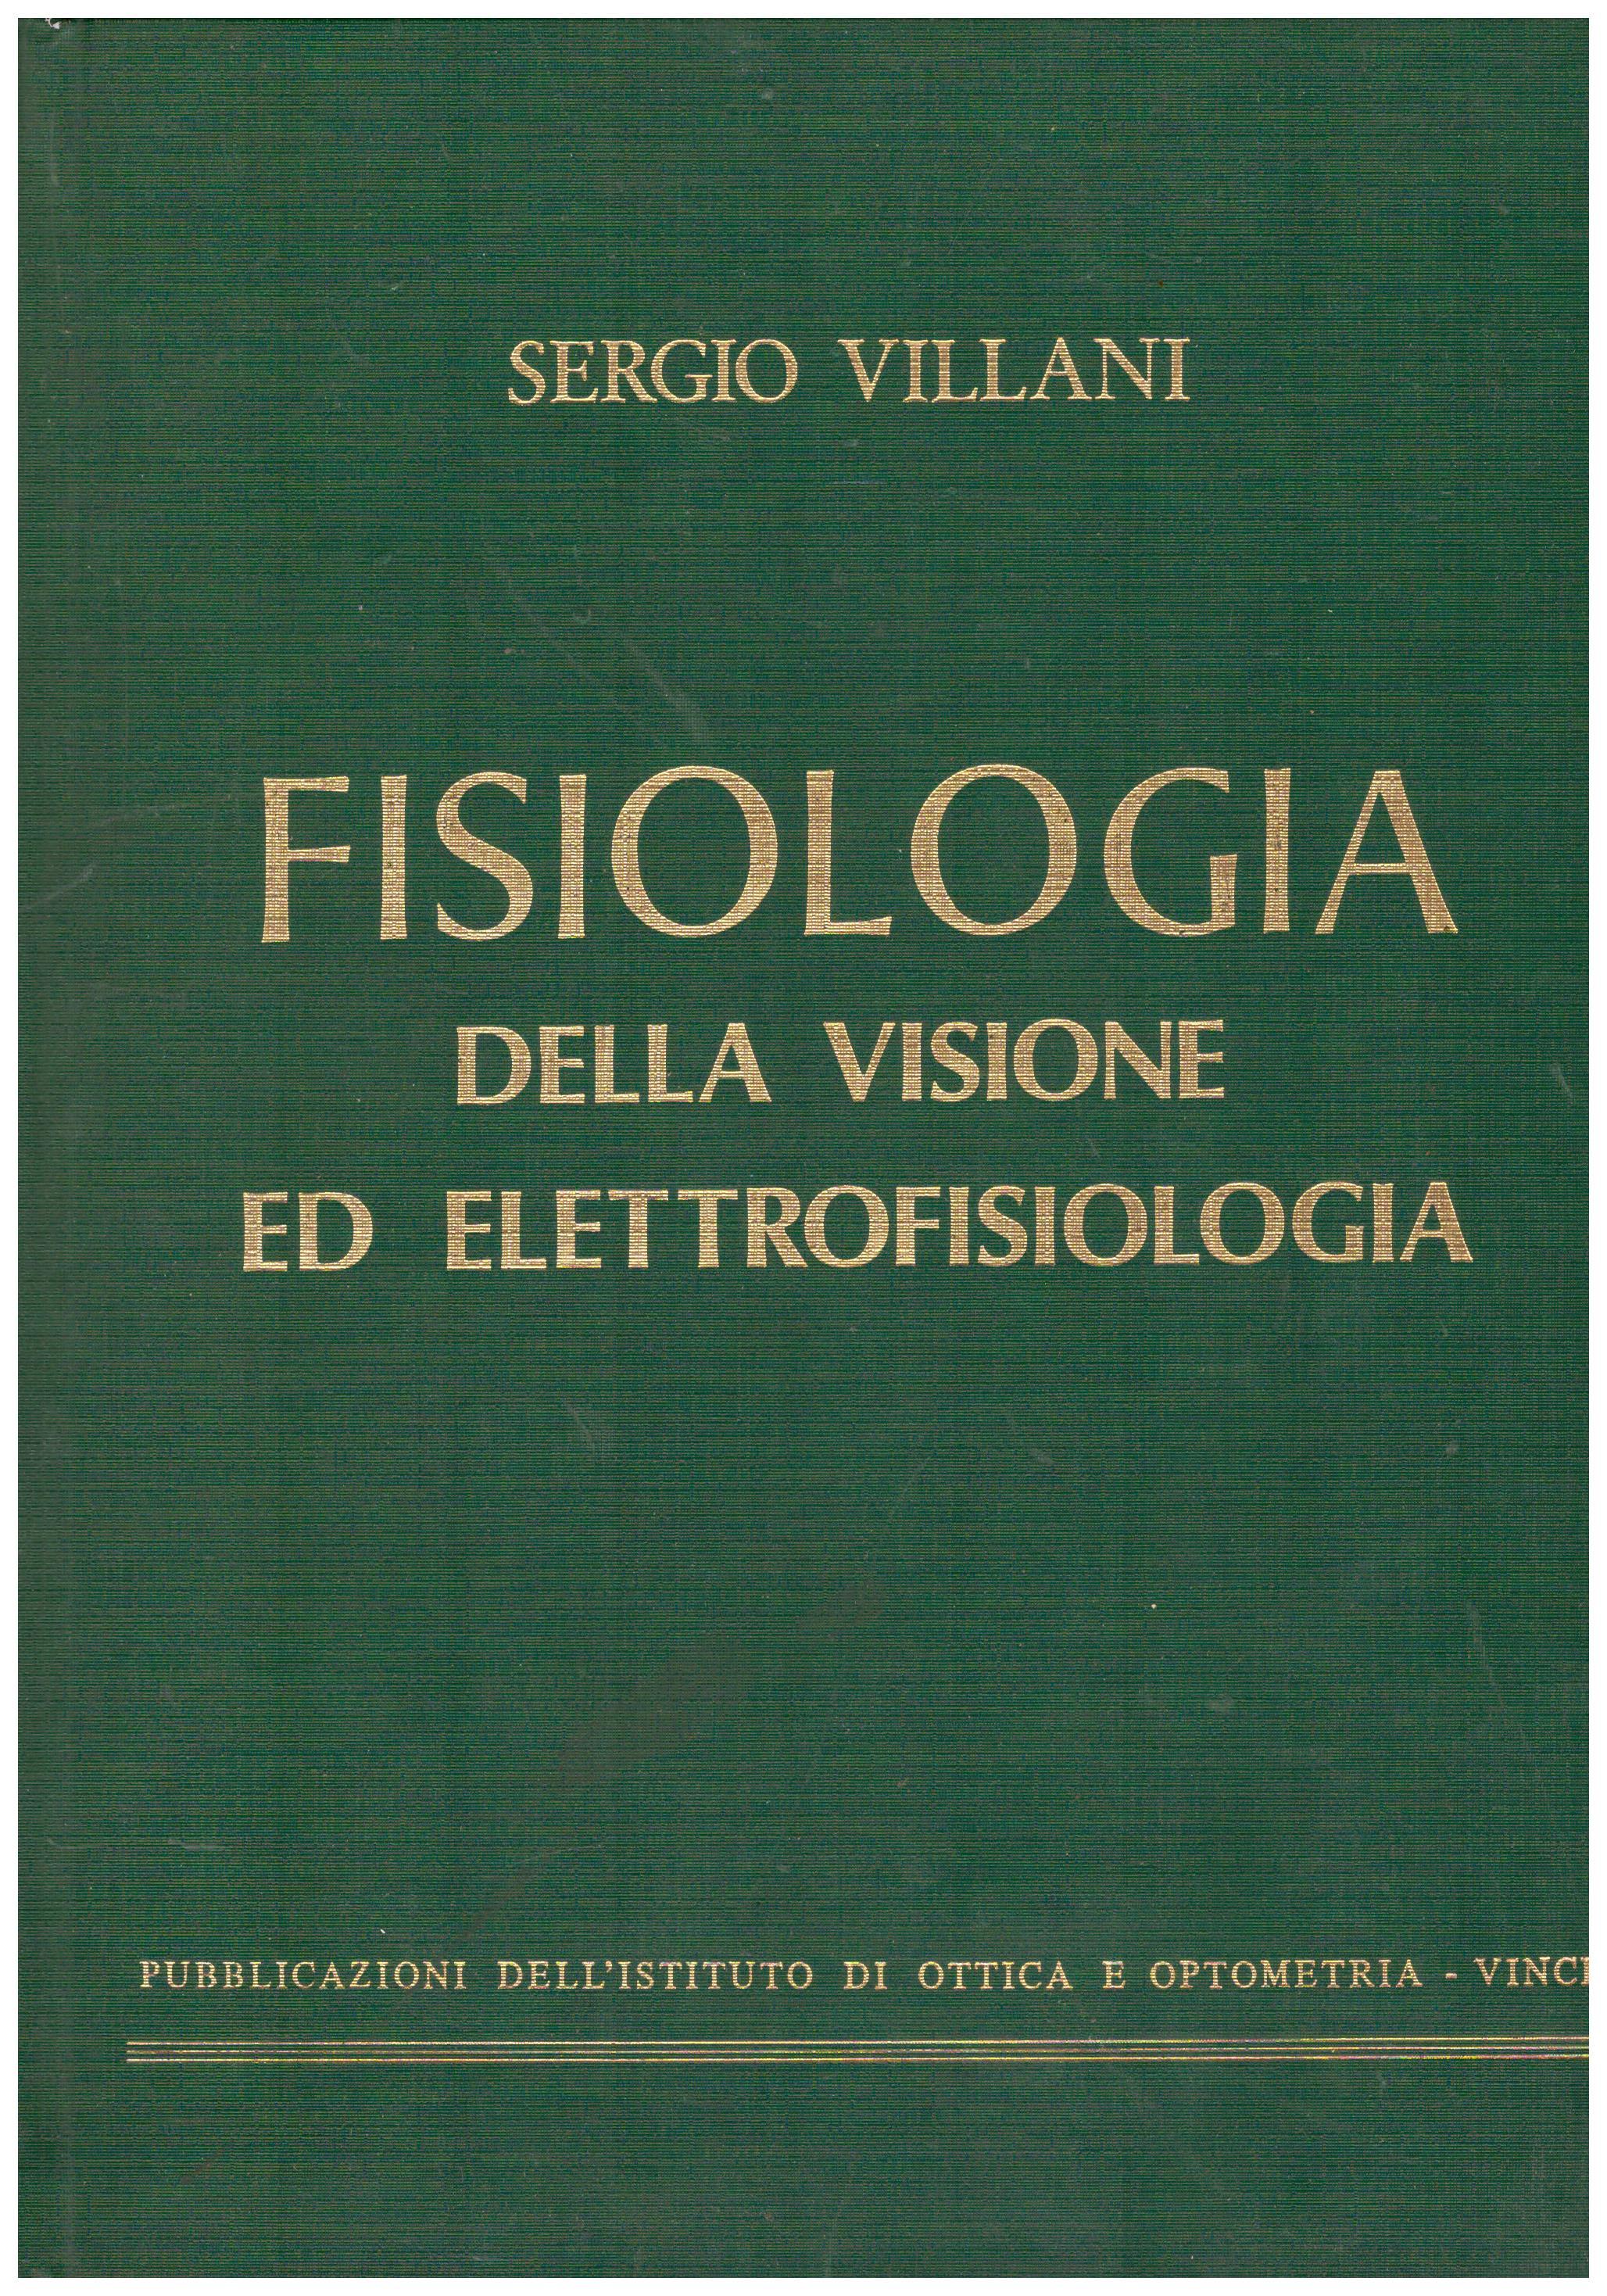 Titolo: Fisiologia della visione ed elettrofisiologia Autore: Sergio Villani  Editore: pubblicazioni dell'istituto di ottica e optometria, 1983